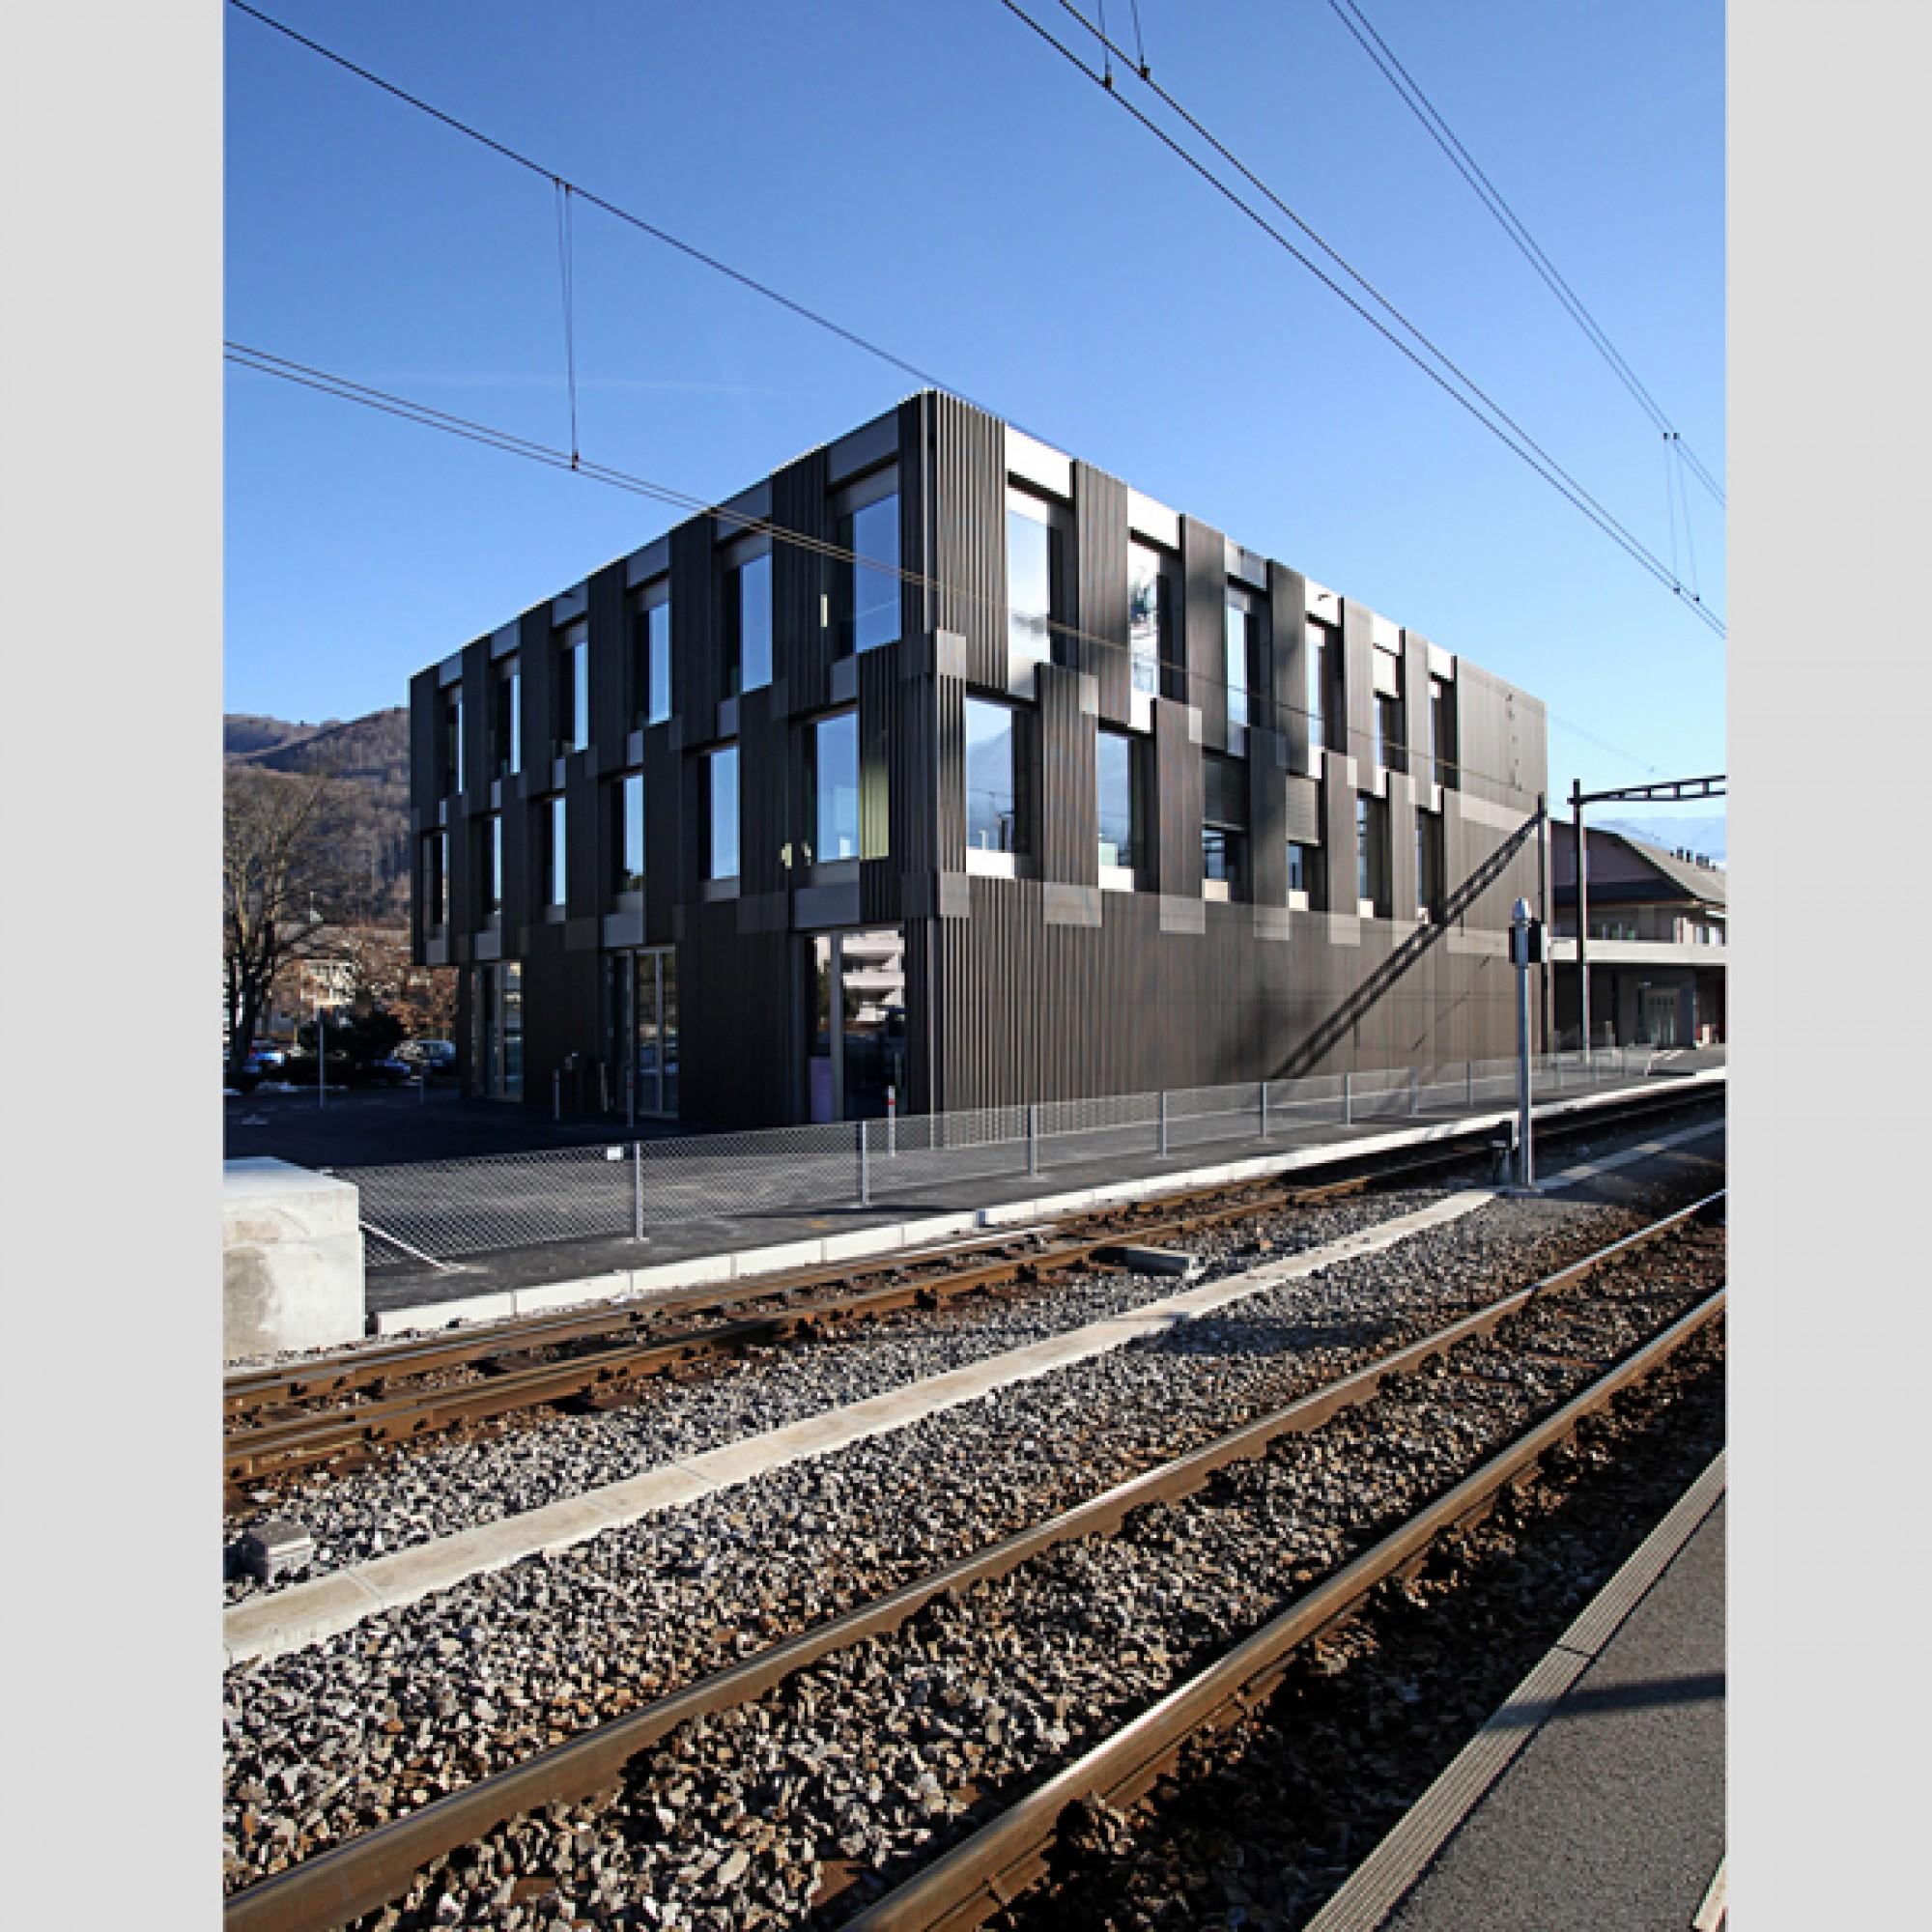 Geschäftshaus zb, Stansstad; Architekten: unit Architekten, Hergiswil. (zvg)